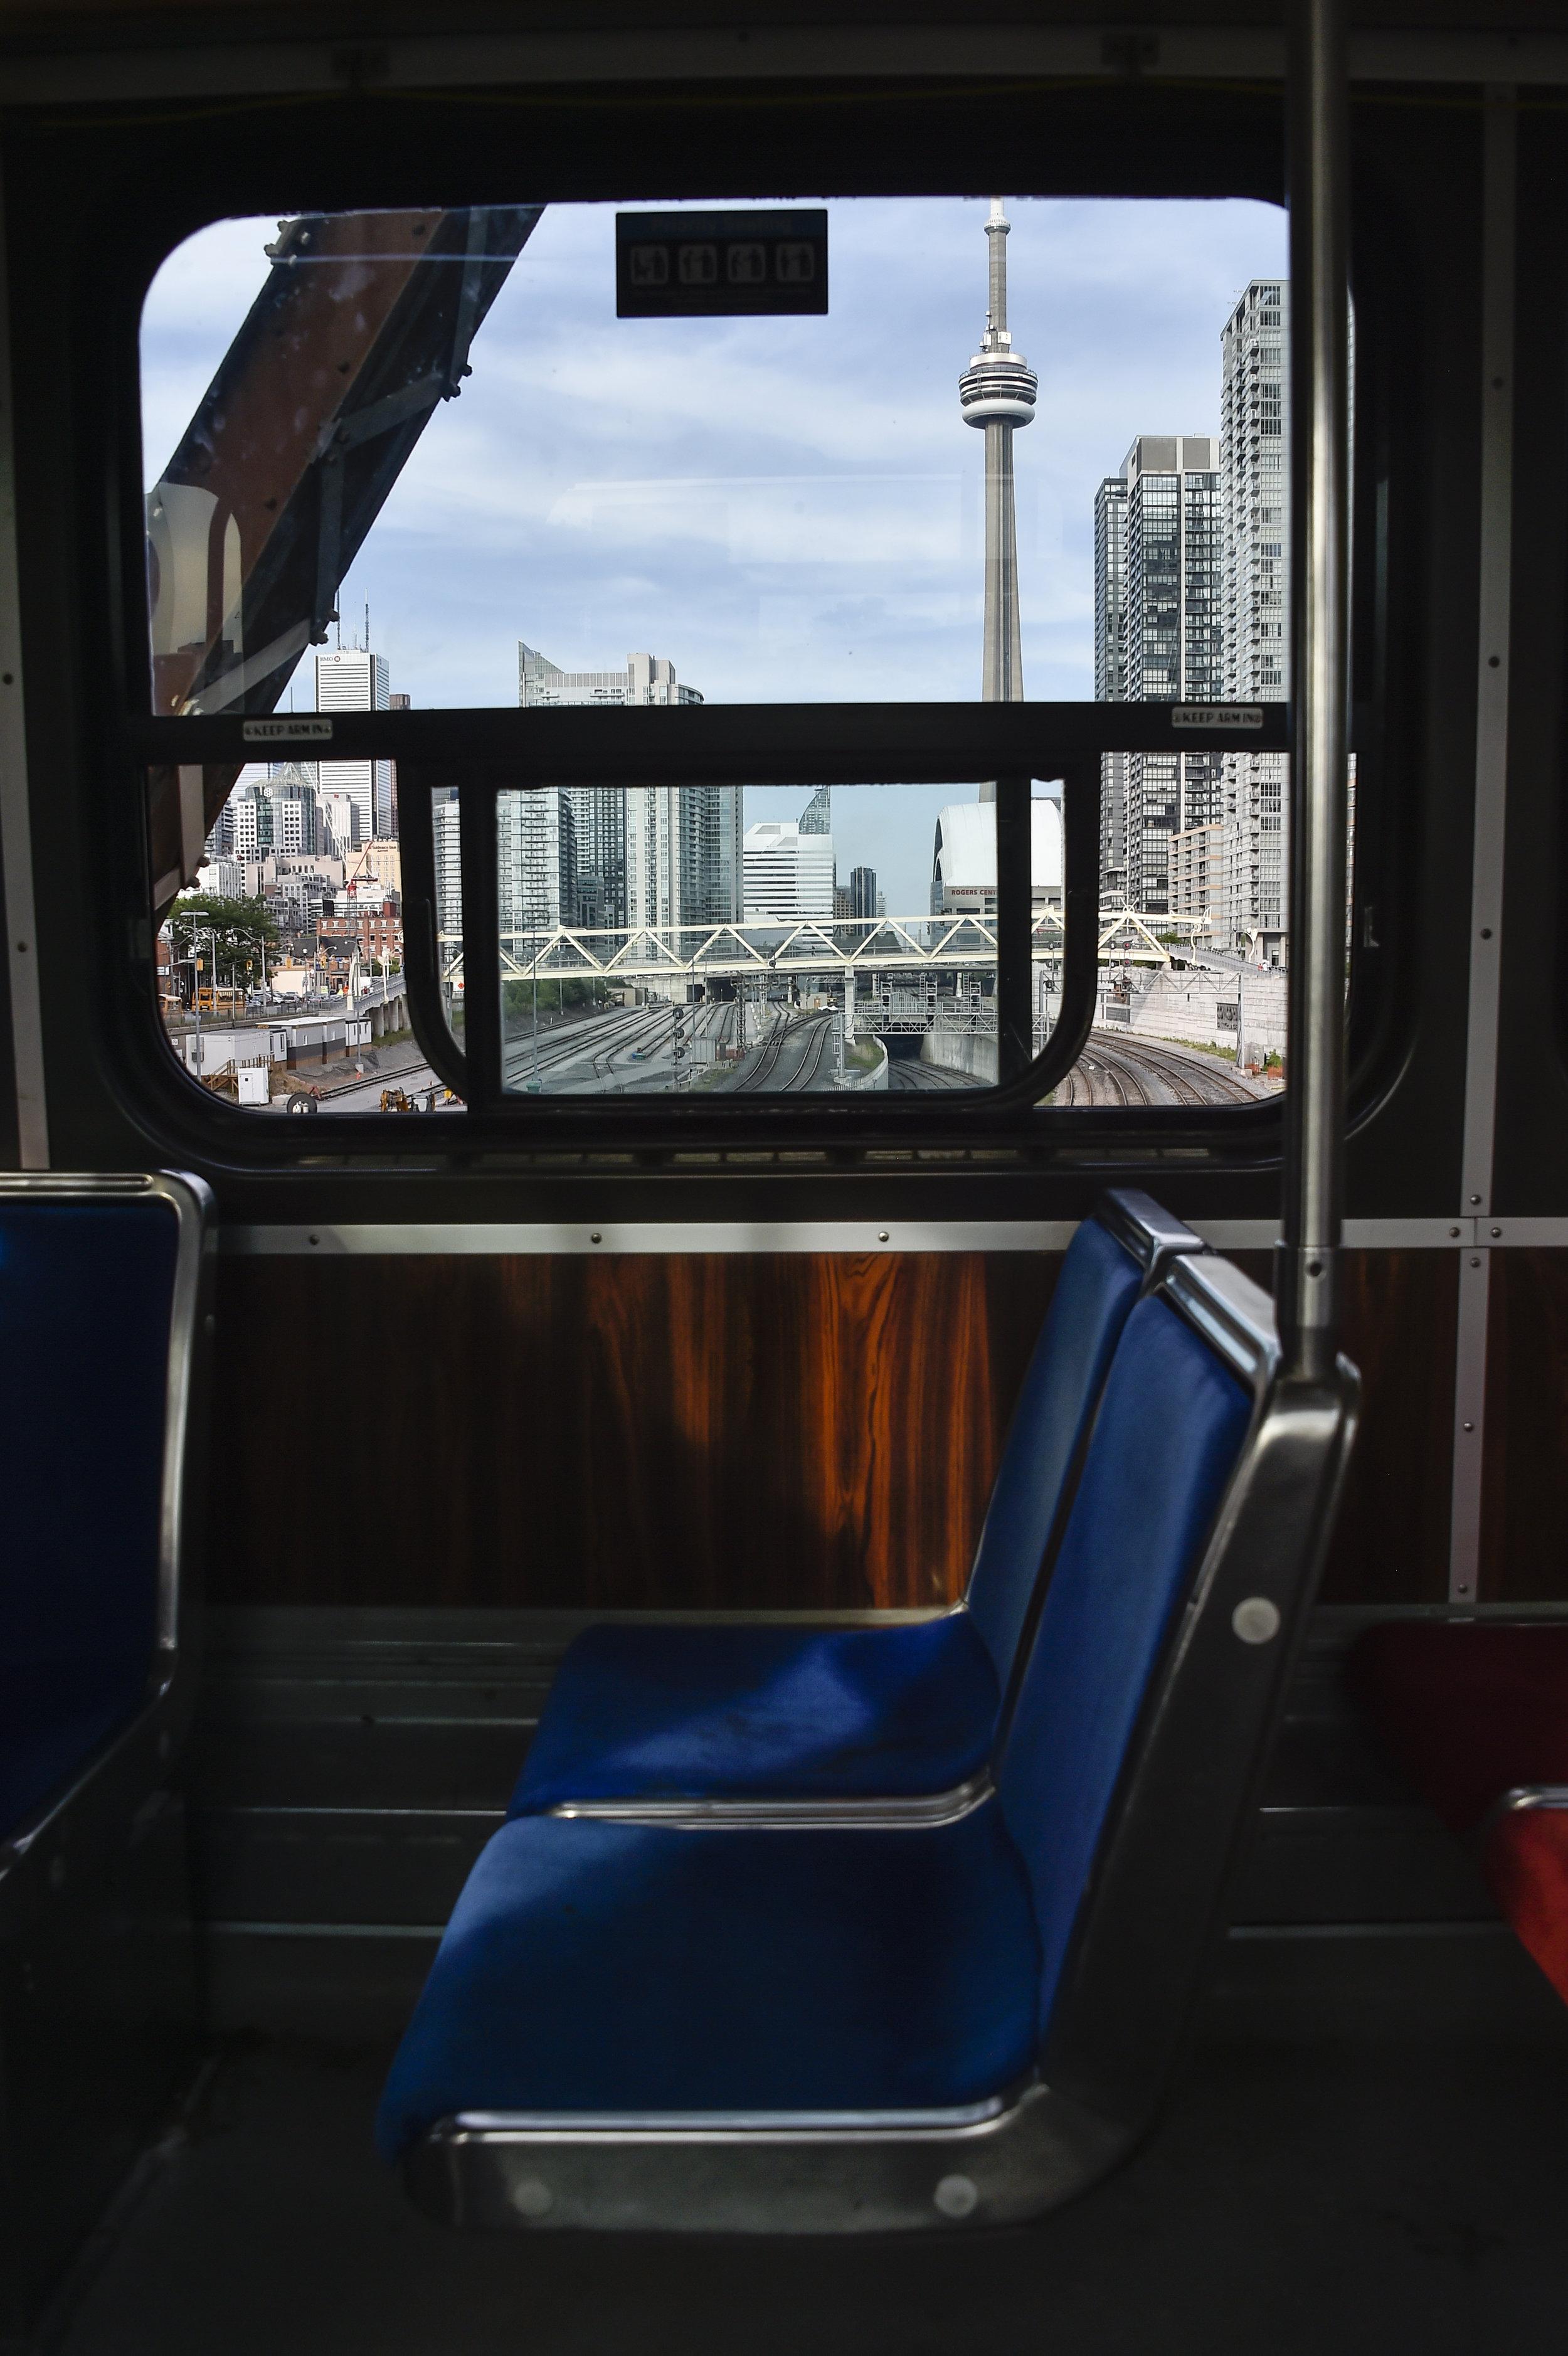 Passenger - Toronto, ON